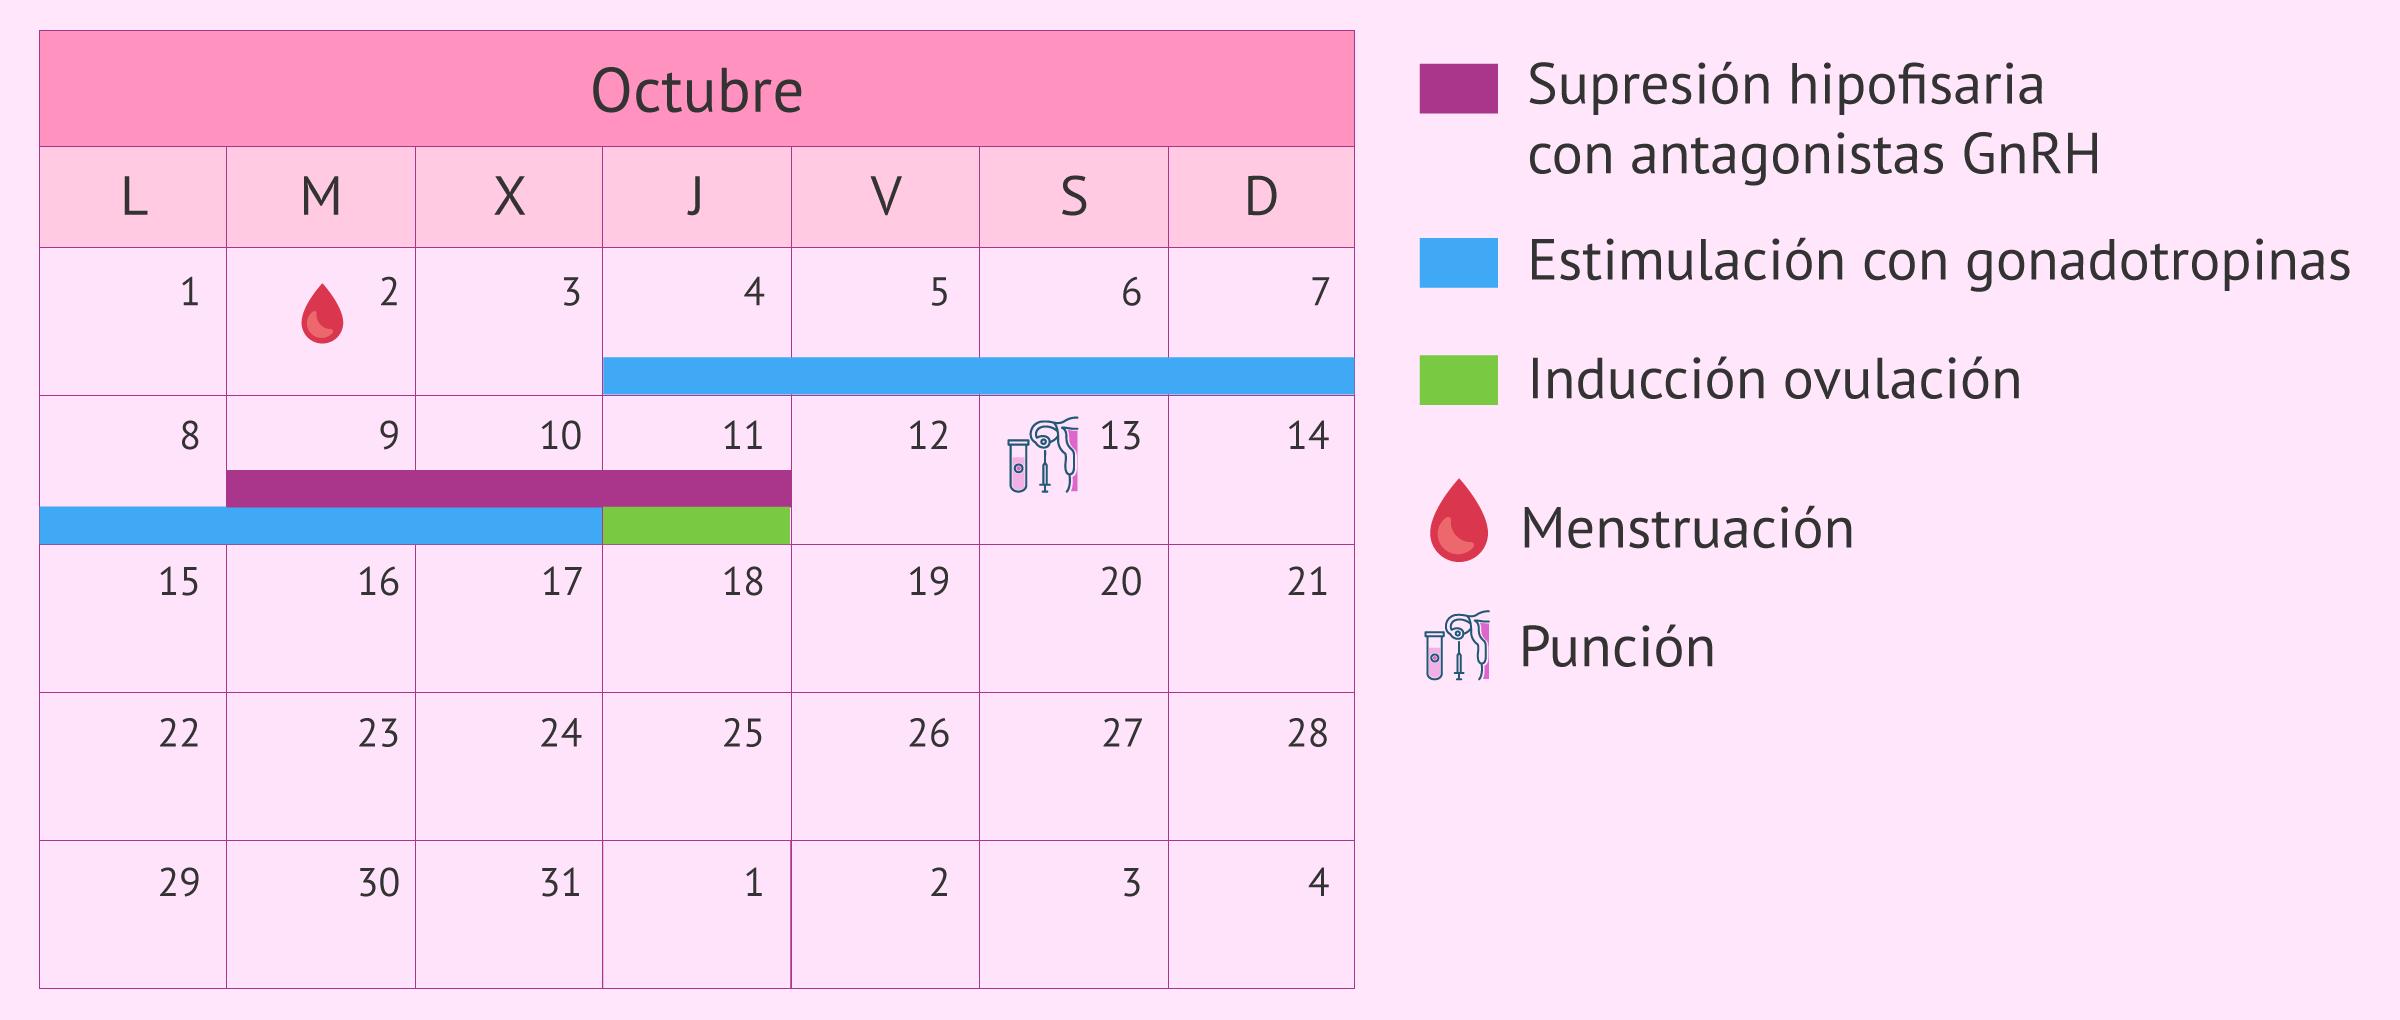 Calendario para un protocolo de estimulación corto